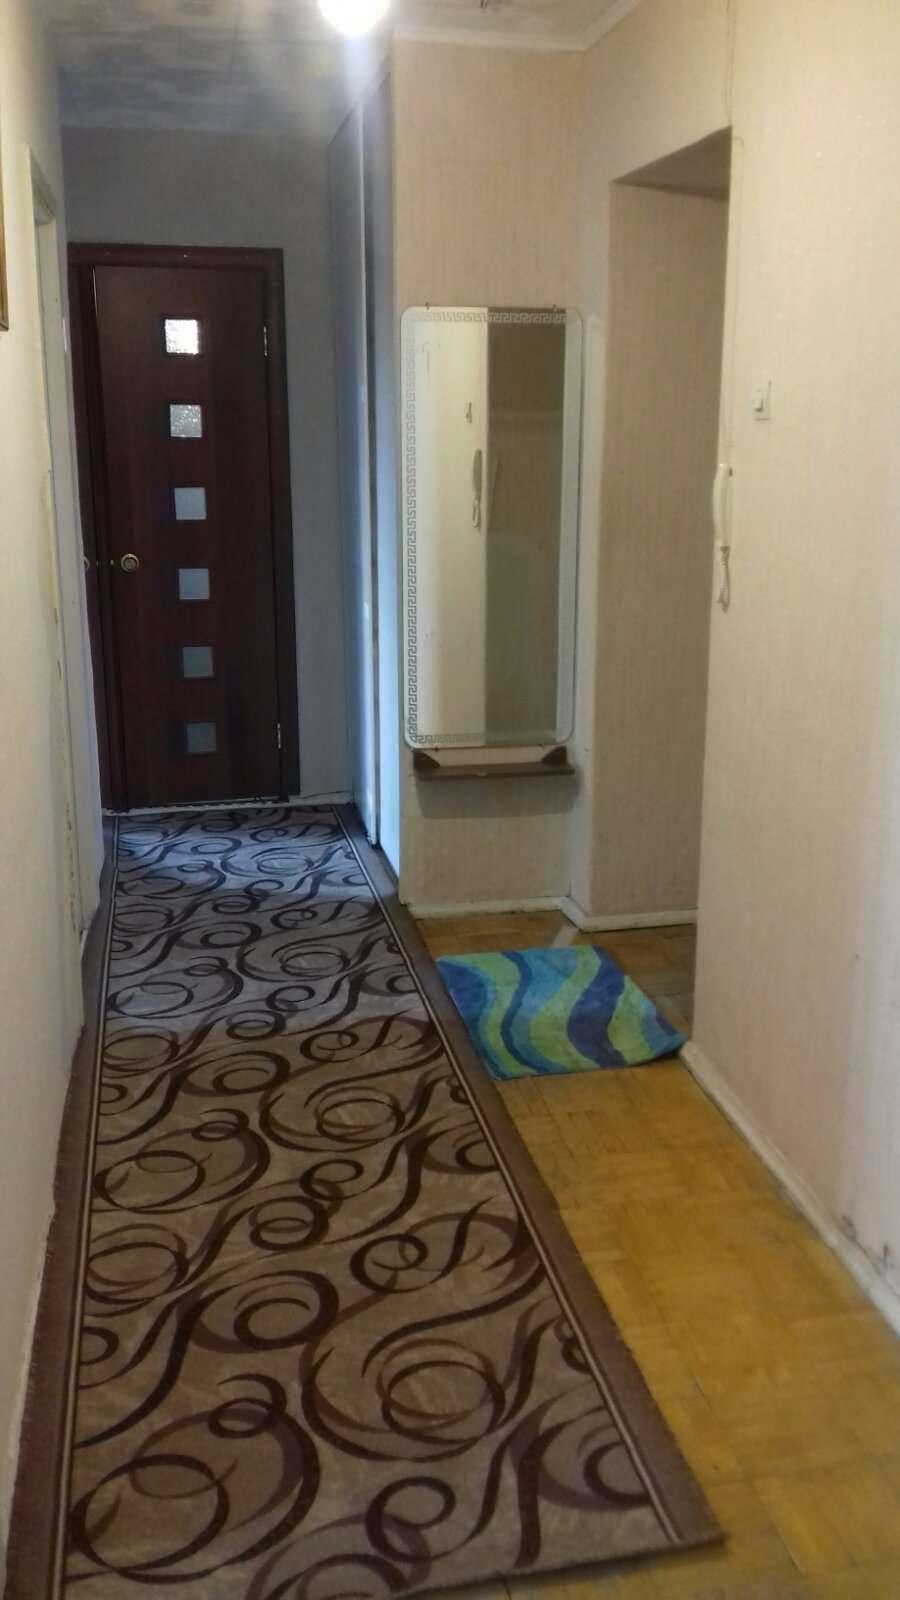 Продажа 3-комнатной квартиры, г. Тольятти, Ярославская улица  дом 29